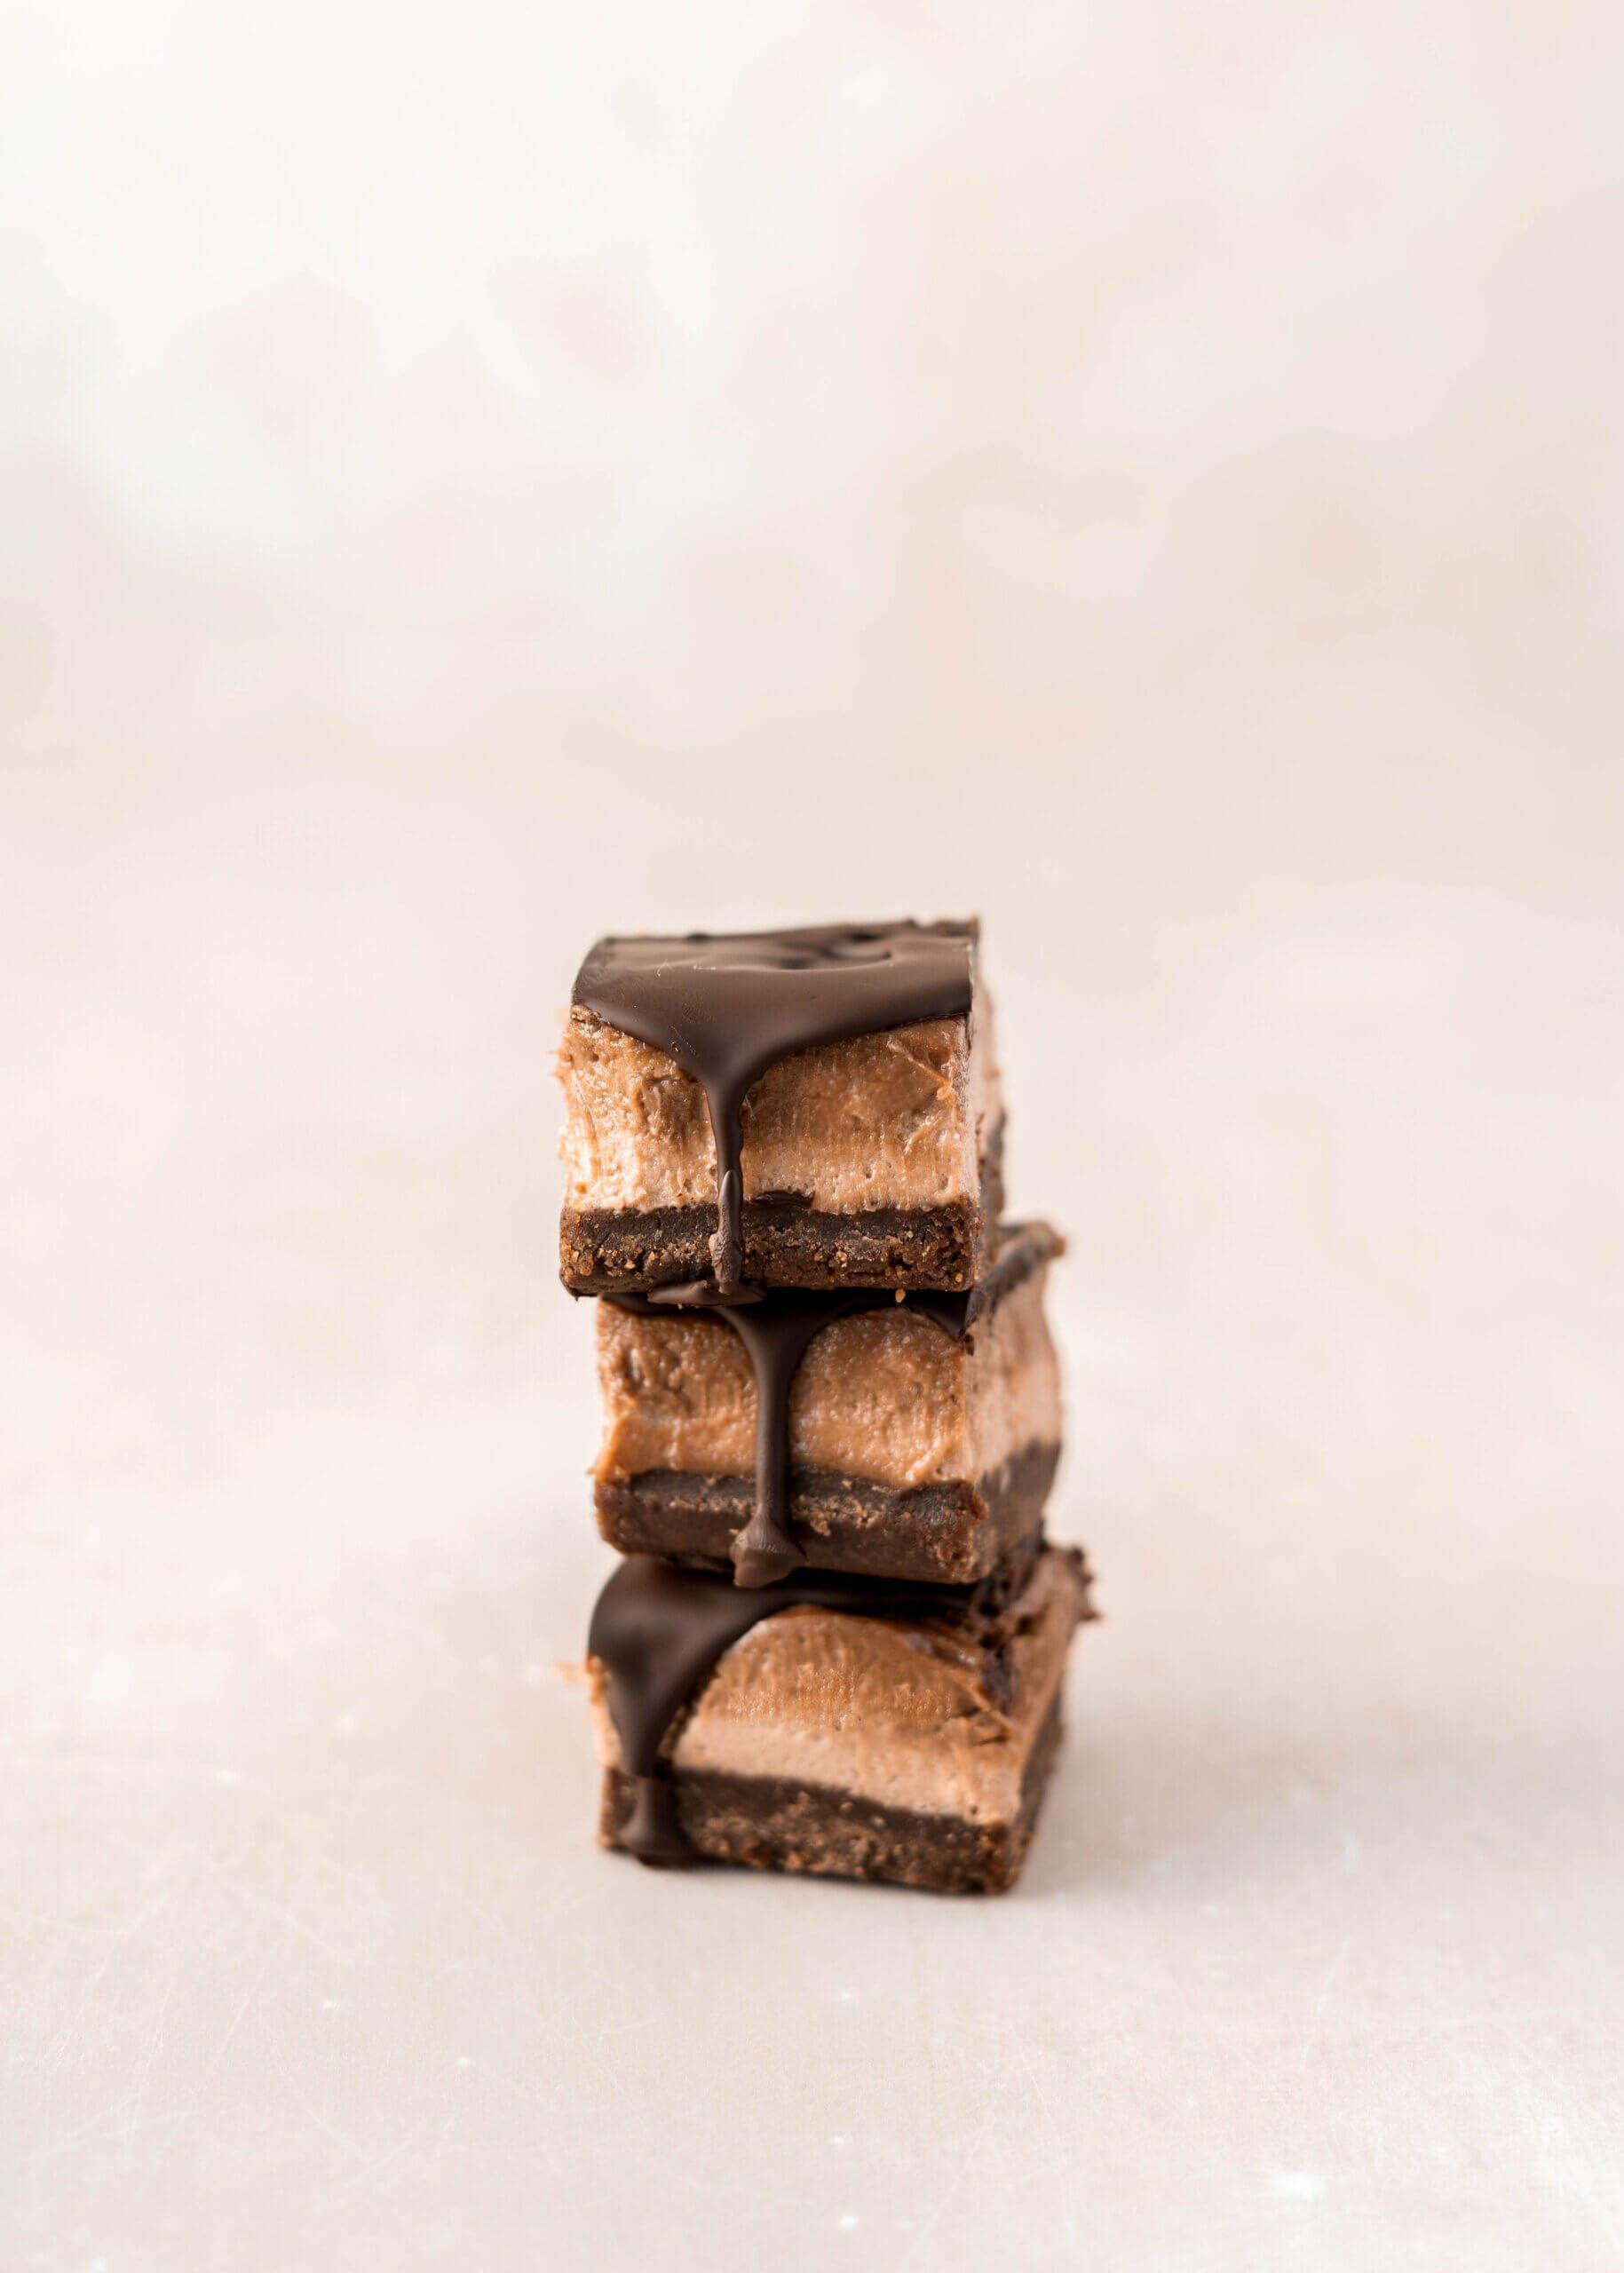 LCHF Čokoladni Cheesecake brez peke